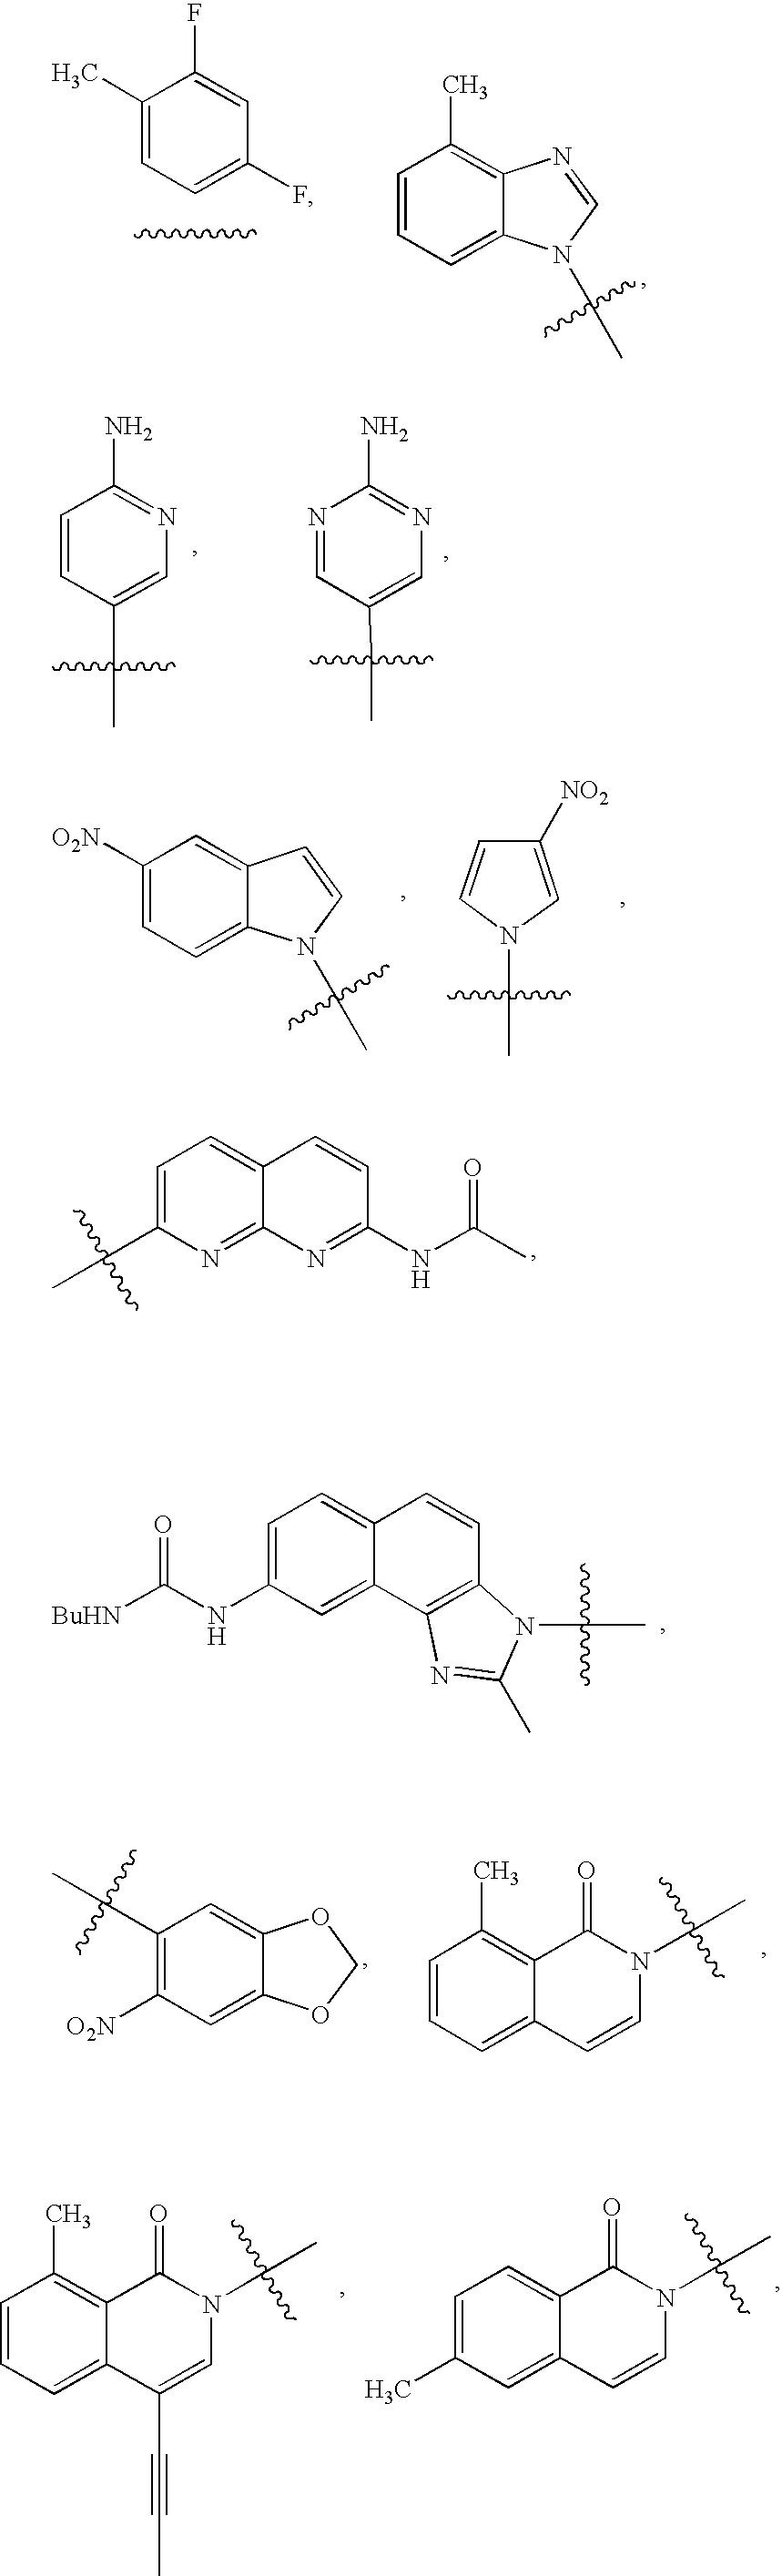 Figure US07723509-20100525-C00015